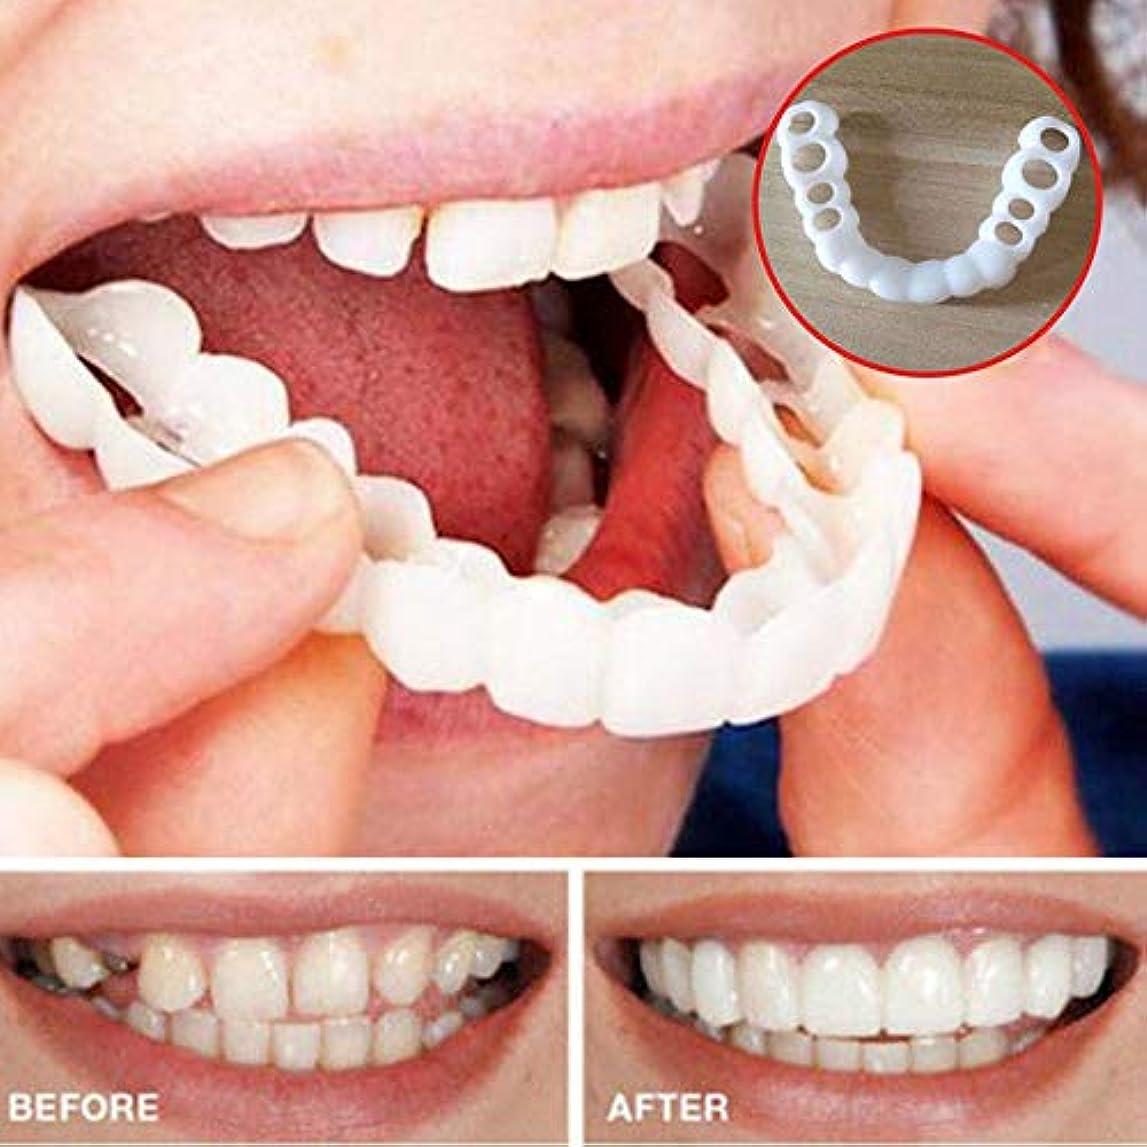 に渡って格納ダイヤモンドシリコンシミュレーション歯ホワイトニングブレース(3個),Upper